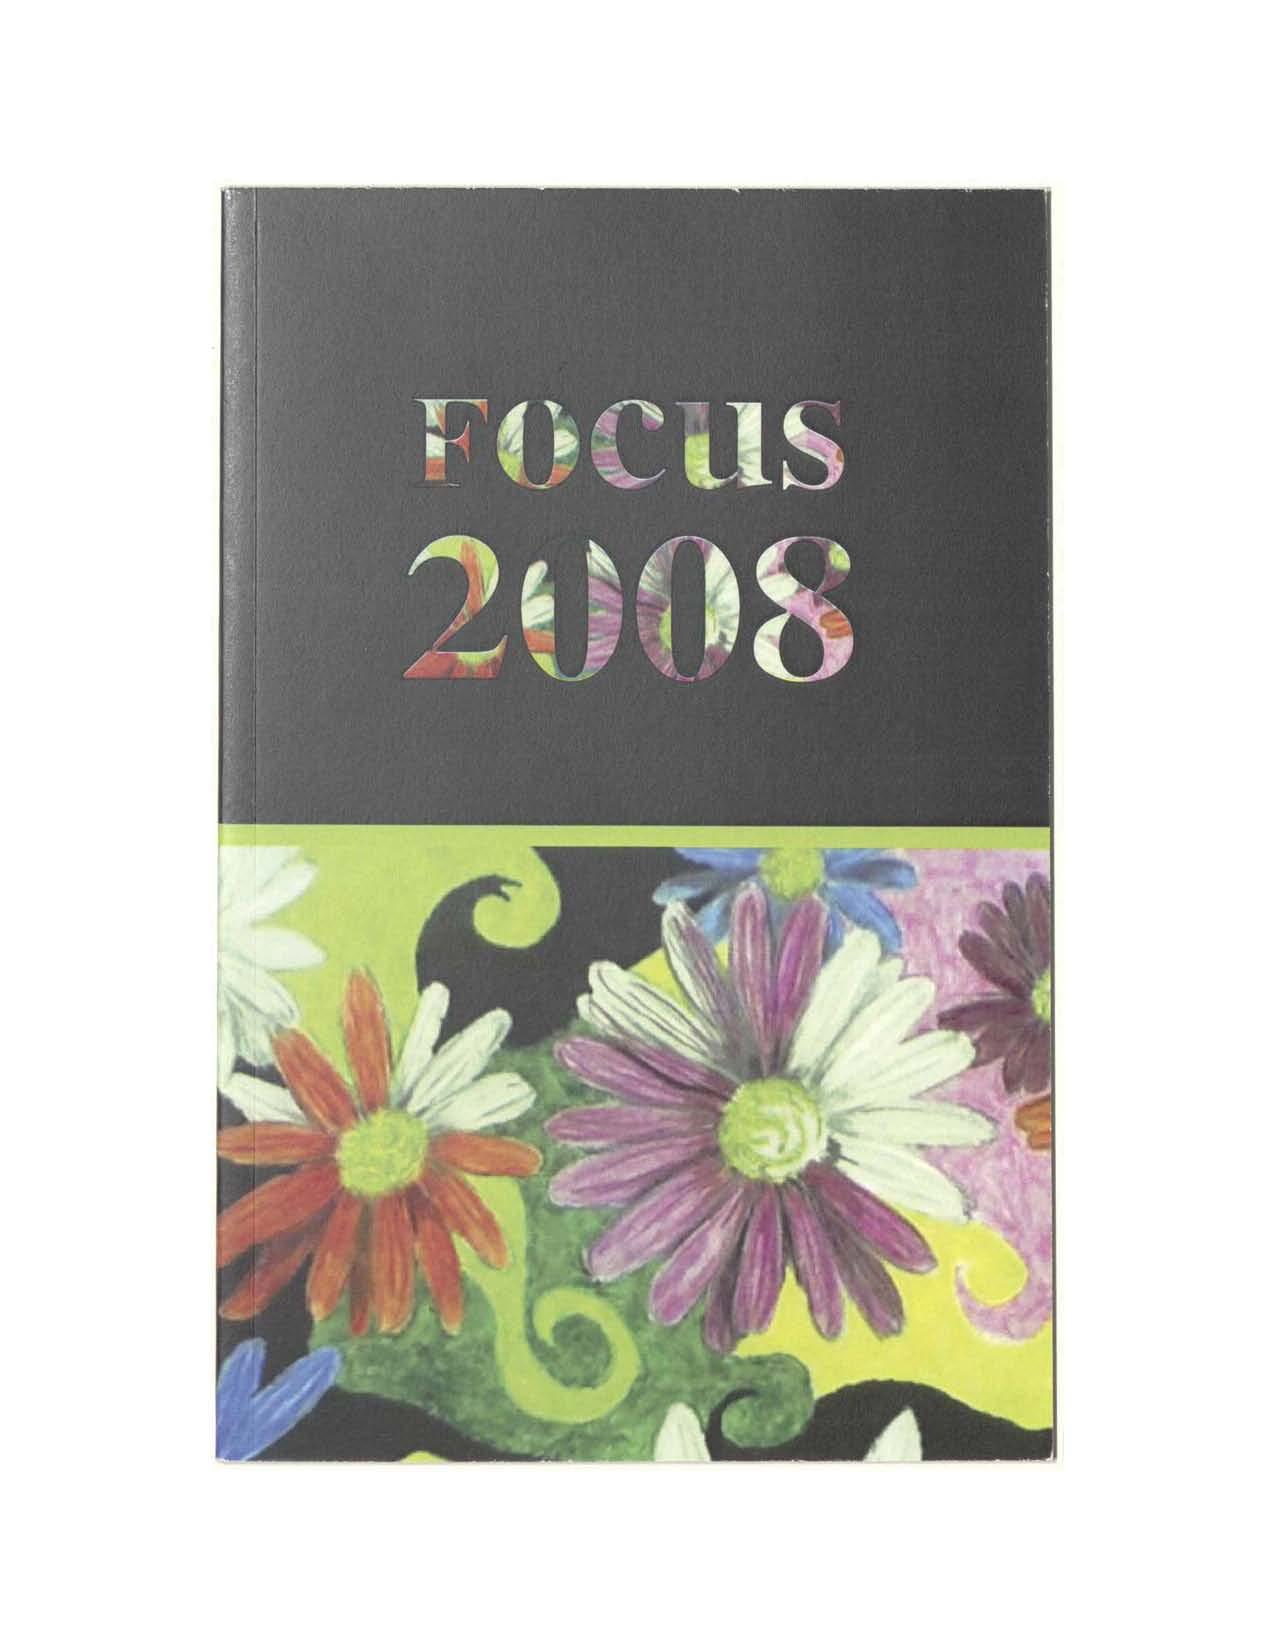 Focus 2008 Cover Image